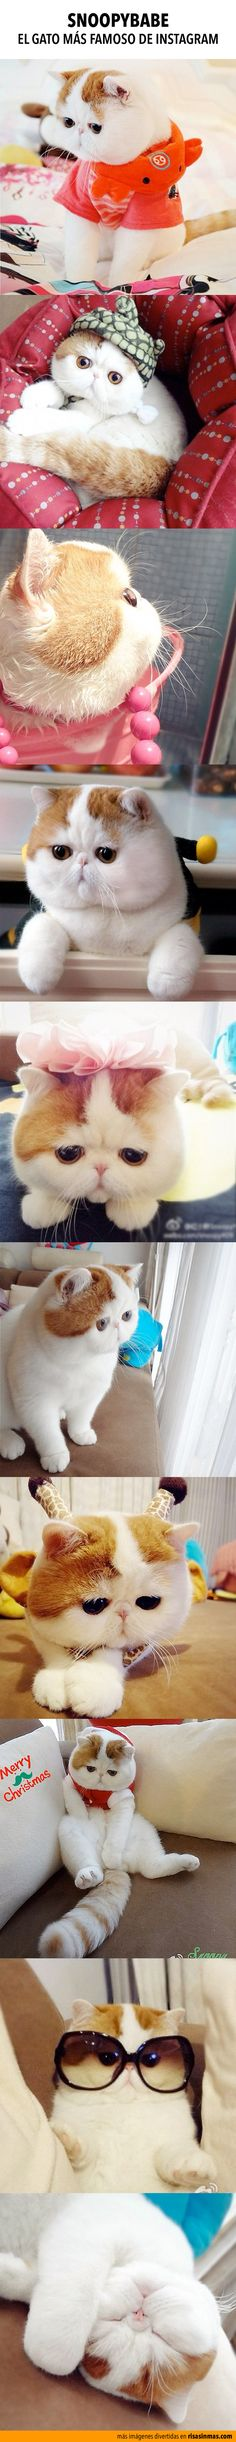 Snoopybabe, el gato más famoso de Instagram